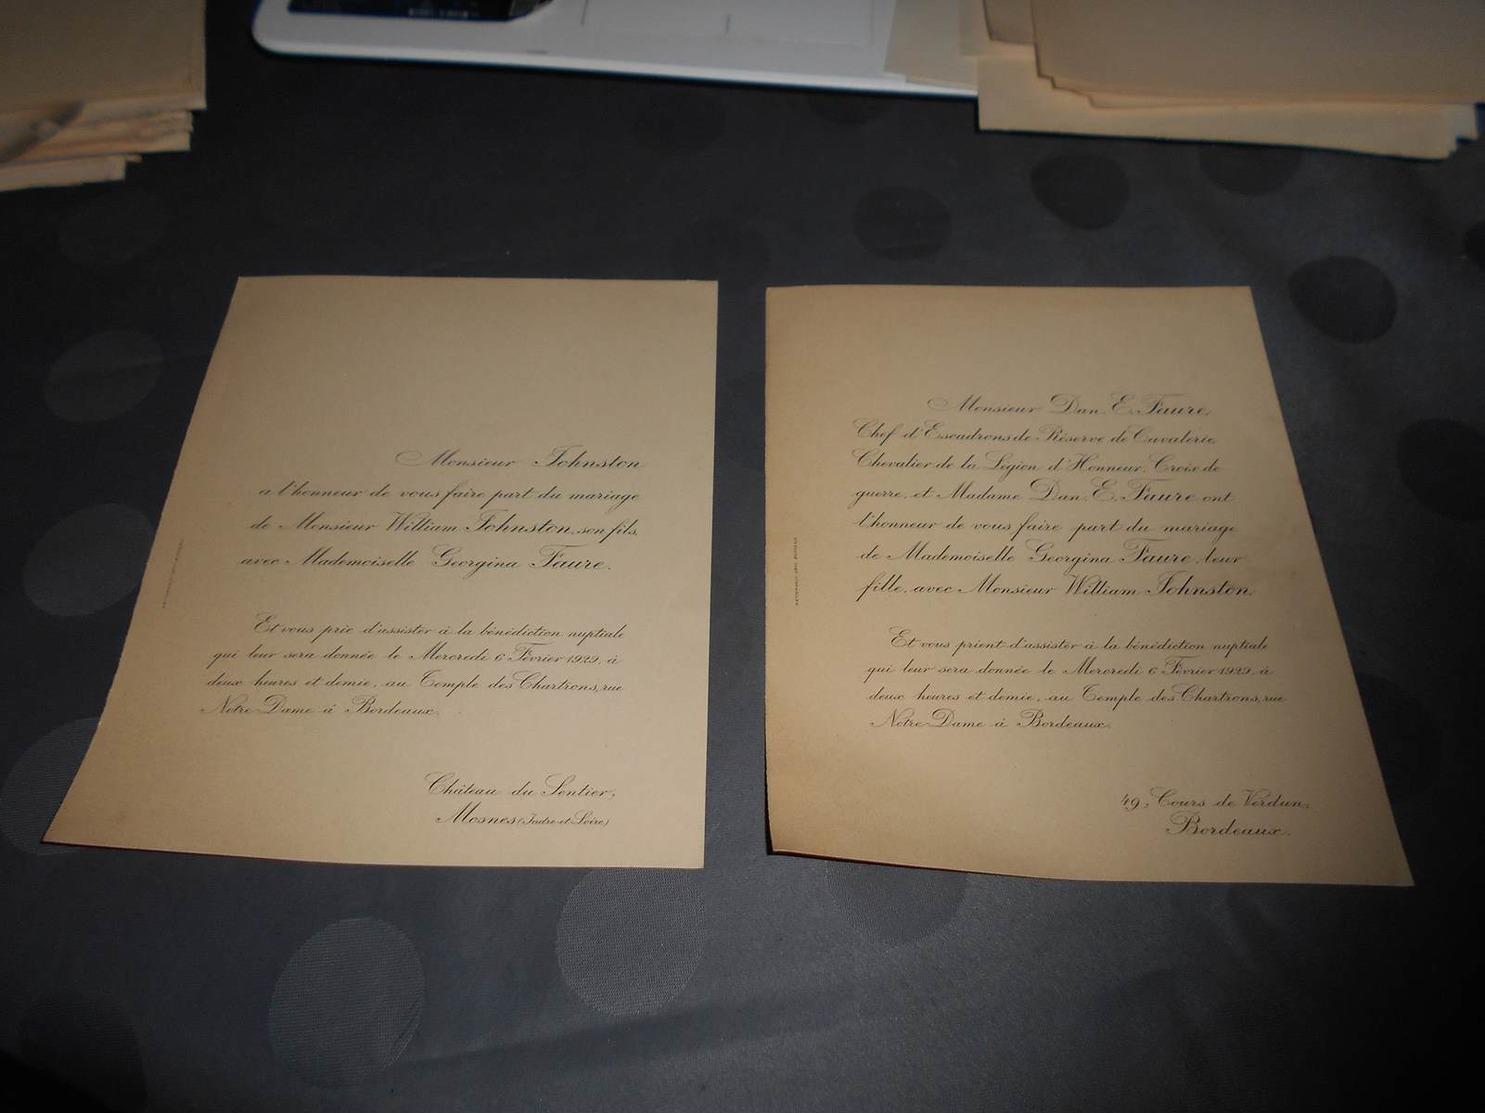 183 - Faire-Part De Mariage, Monsieur William JOHNSTON Avec Georgina FAURE, Le 6 Février 1929 à Bordeaux - Mariage